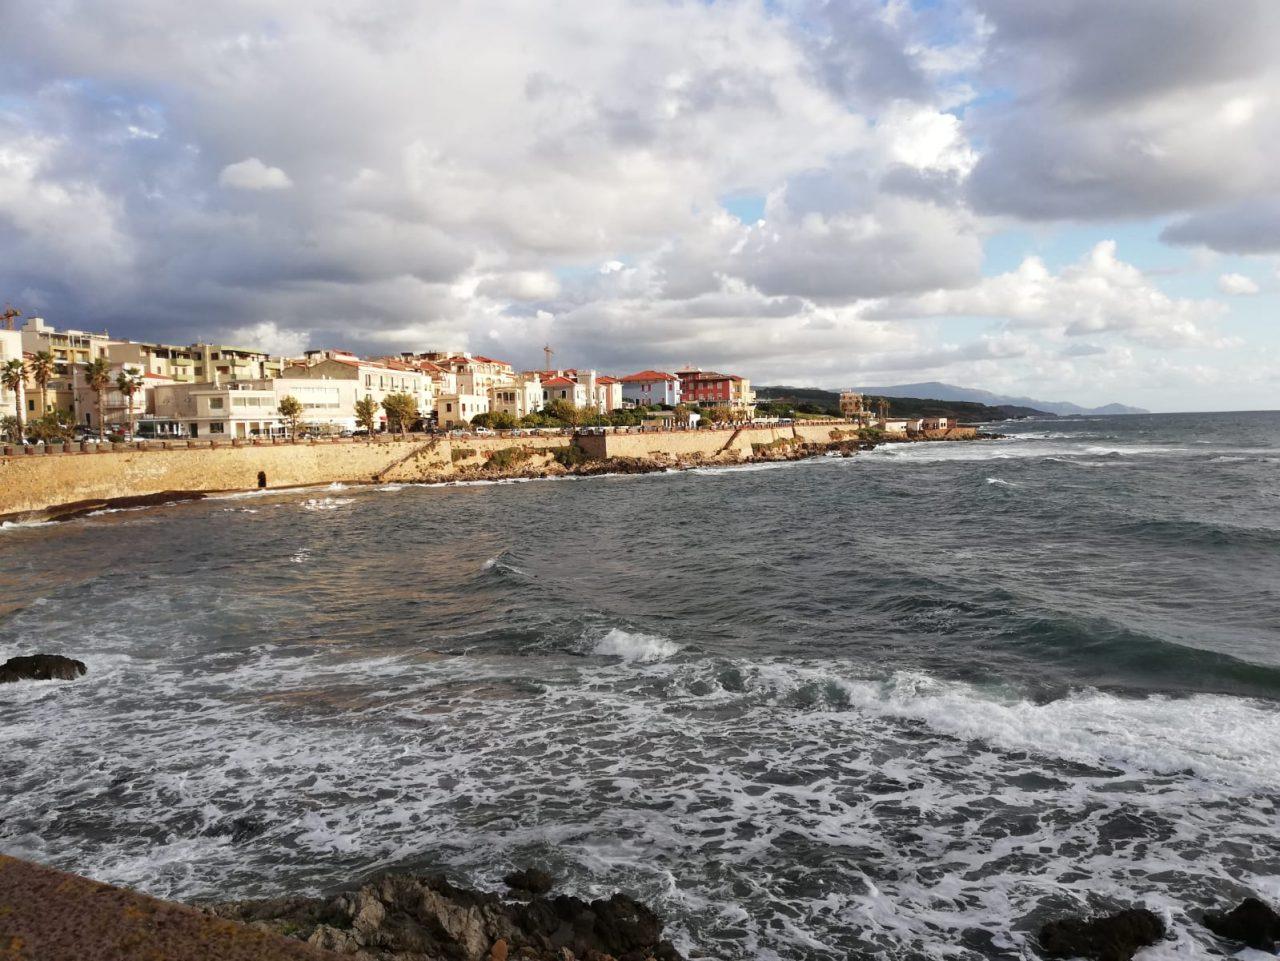 WhatsApp Image 2020 10 16 at 17.25.53 scaled - Alghero al tramonto saluta il brutto tempo. Galleria foto